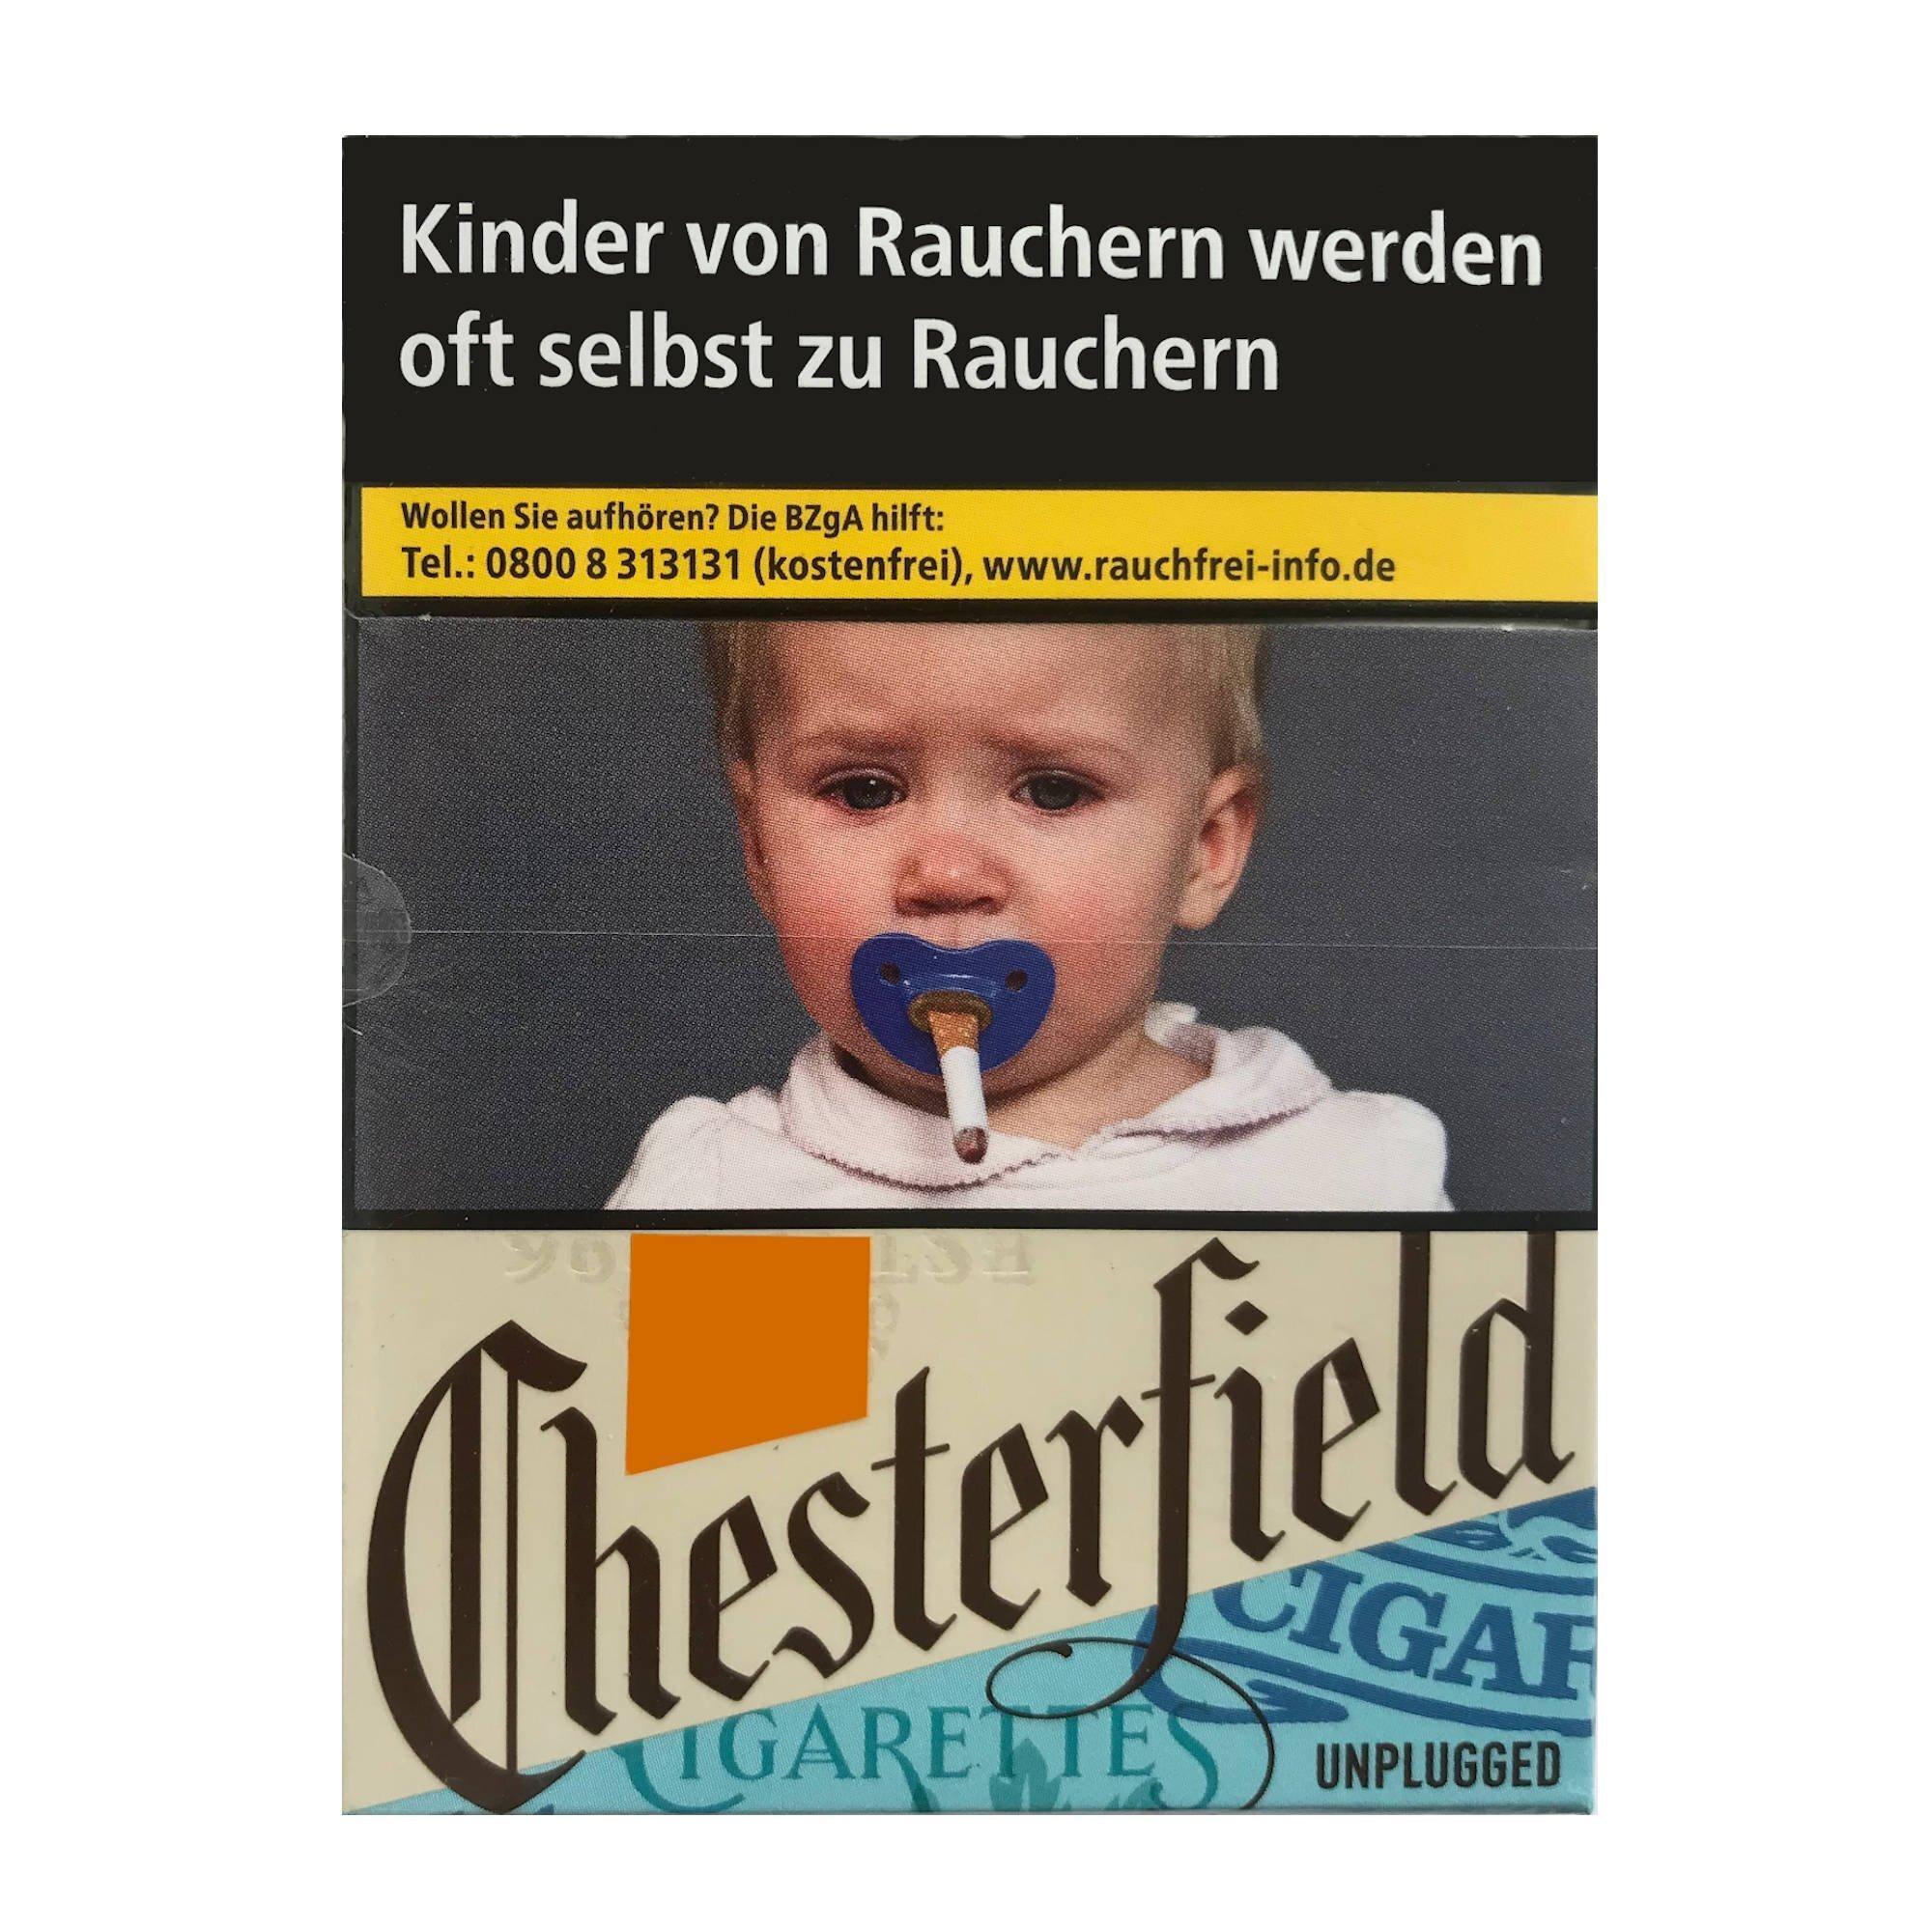 Chesterfield Unplugged Blue Zigaretten XL Schachtel à 22 Stück